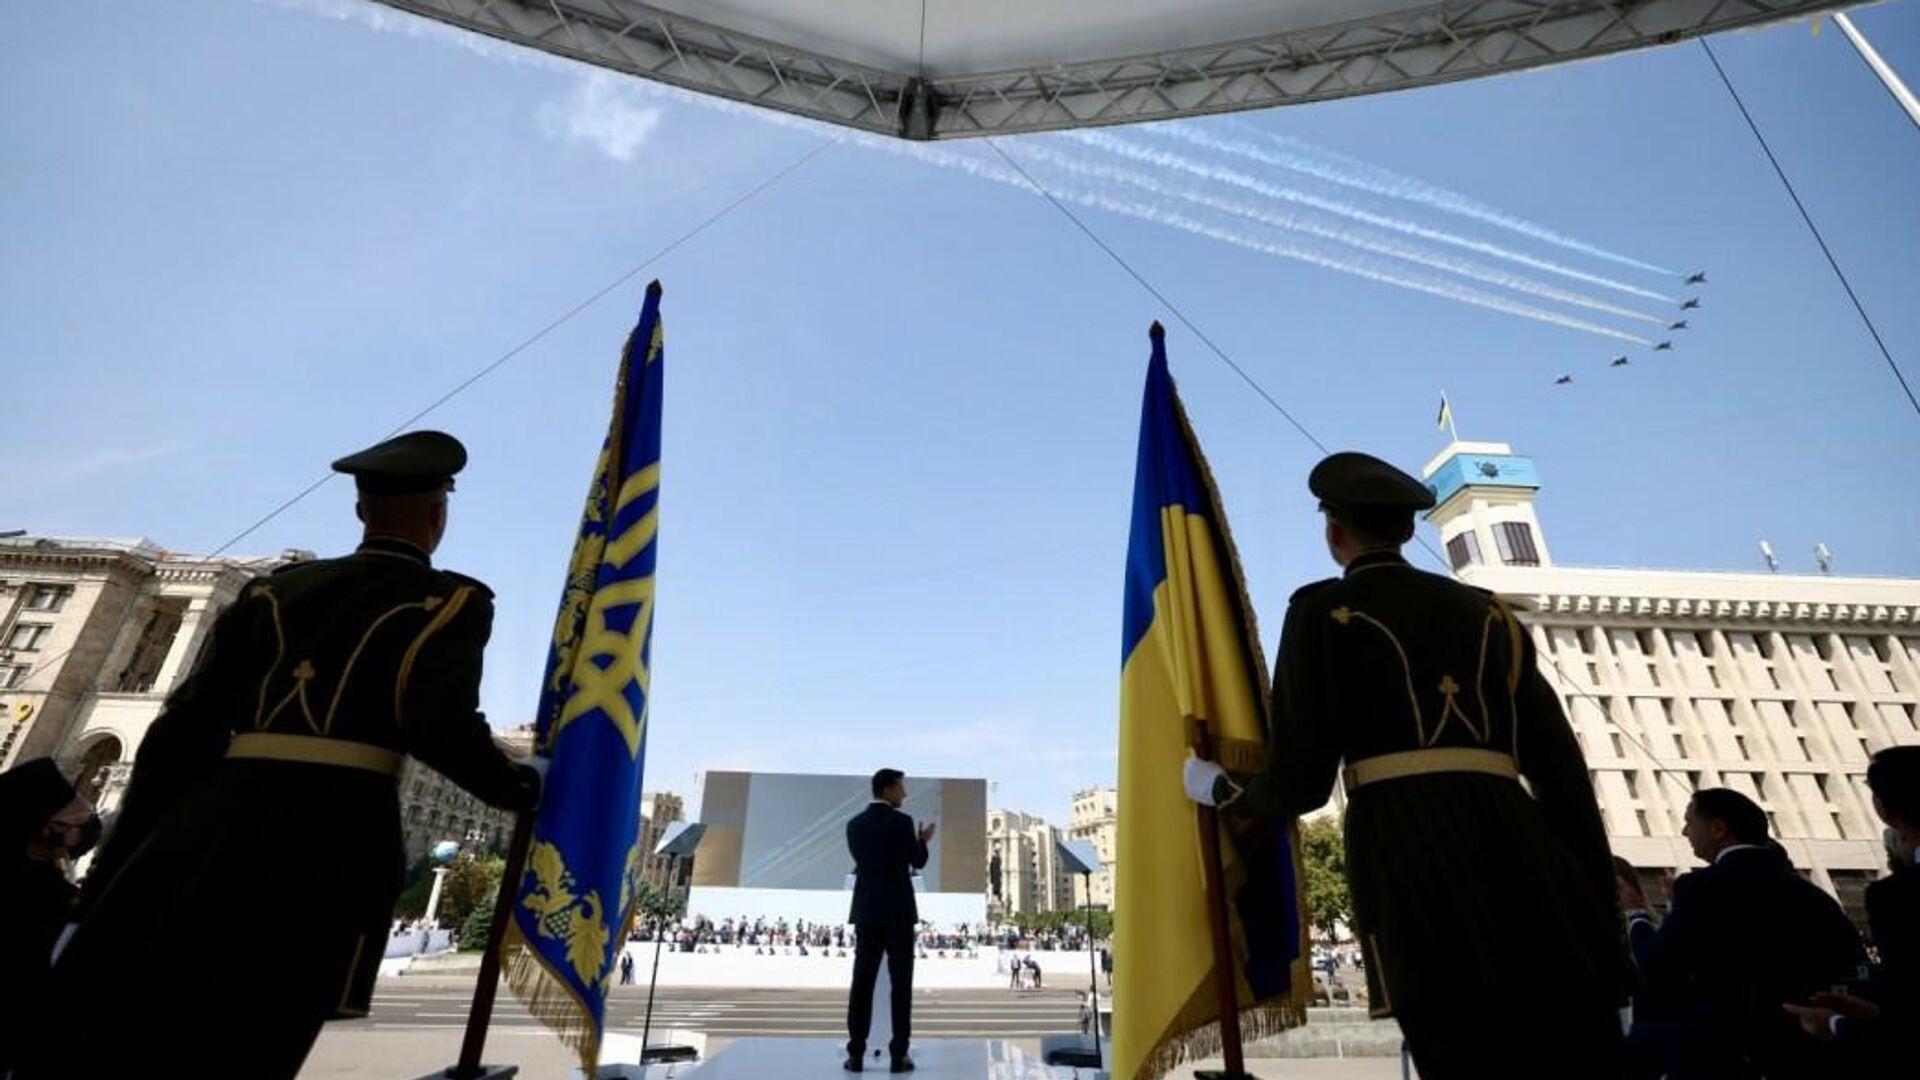 Празднование Дня независимости Украины  - РИА Новости, 1920, 08.09.2021